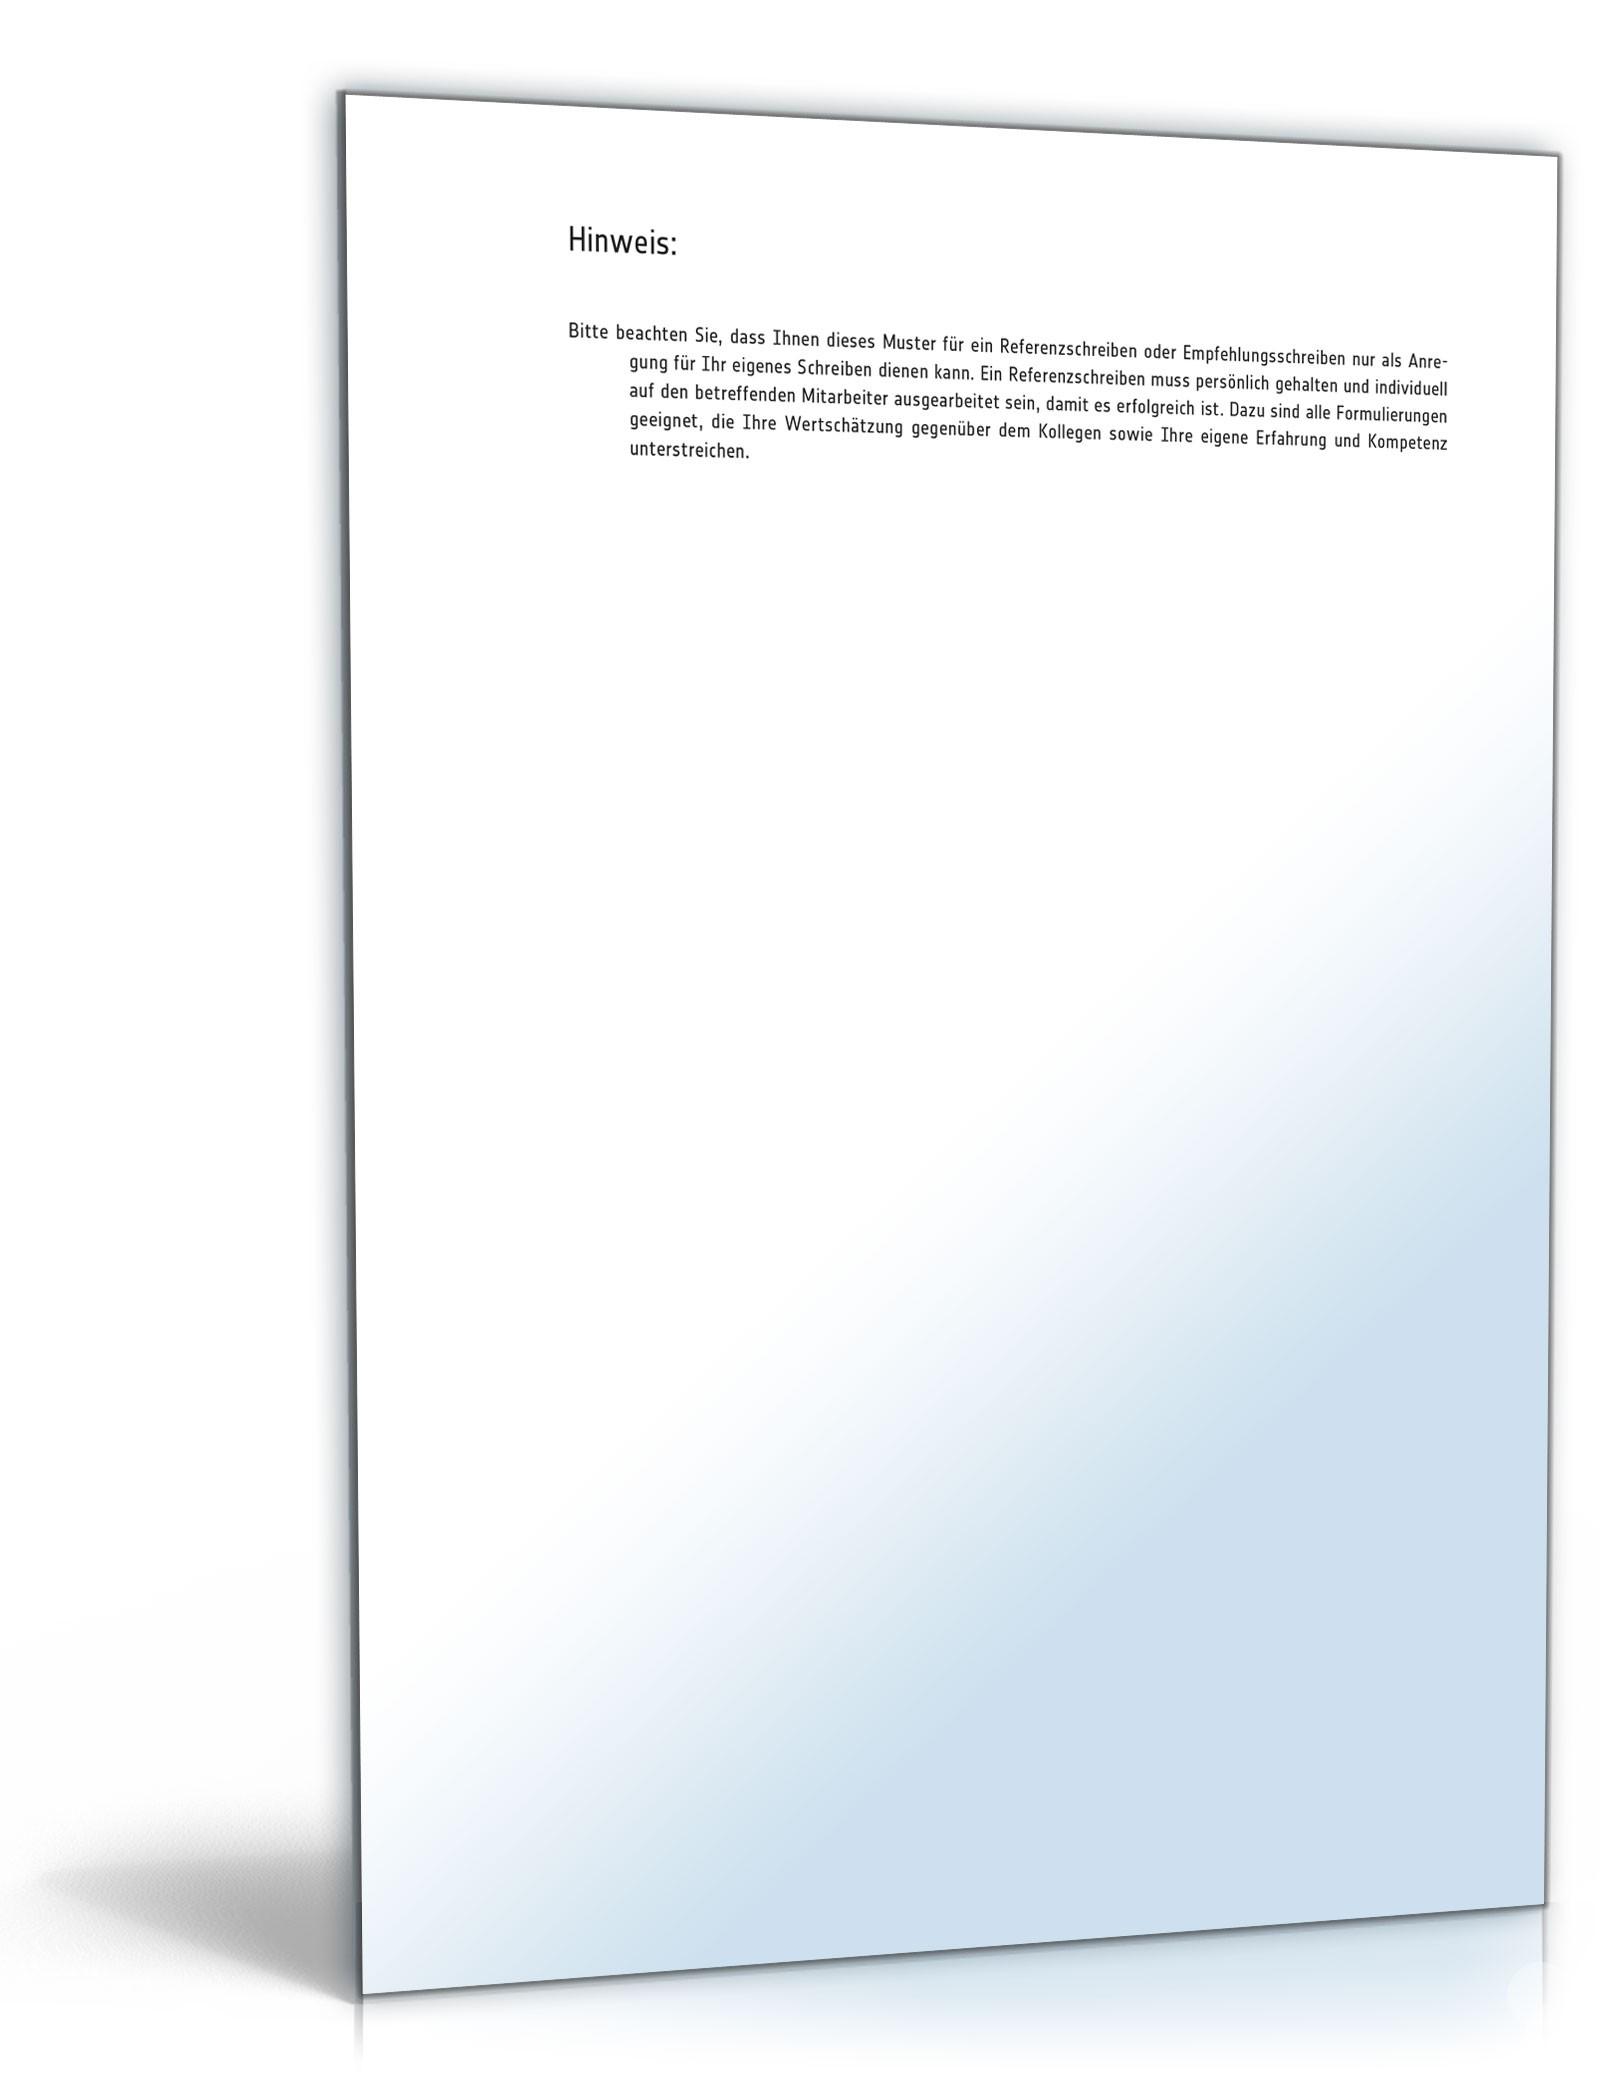 Referenzschreiben für freie Mitarbeiter: Muster zum Download